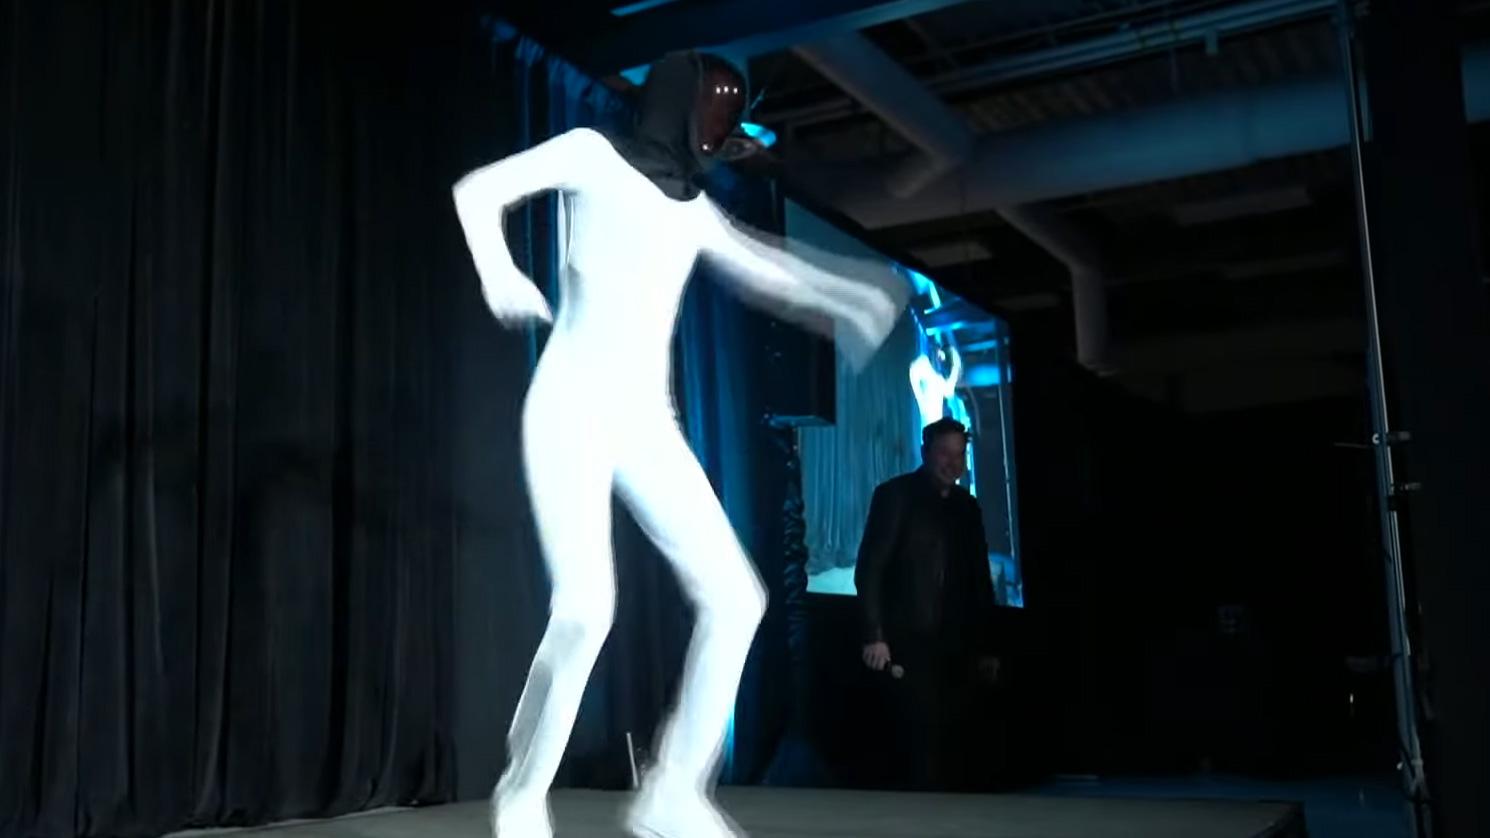 Tesla-Bot